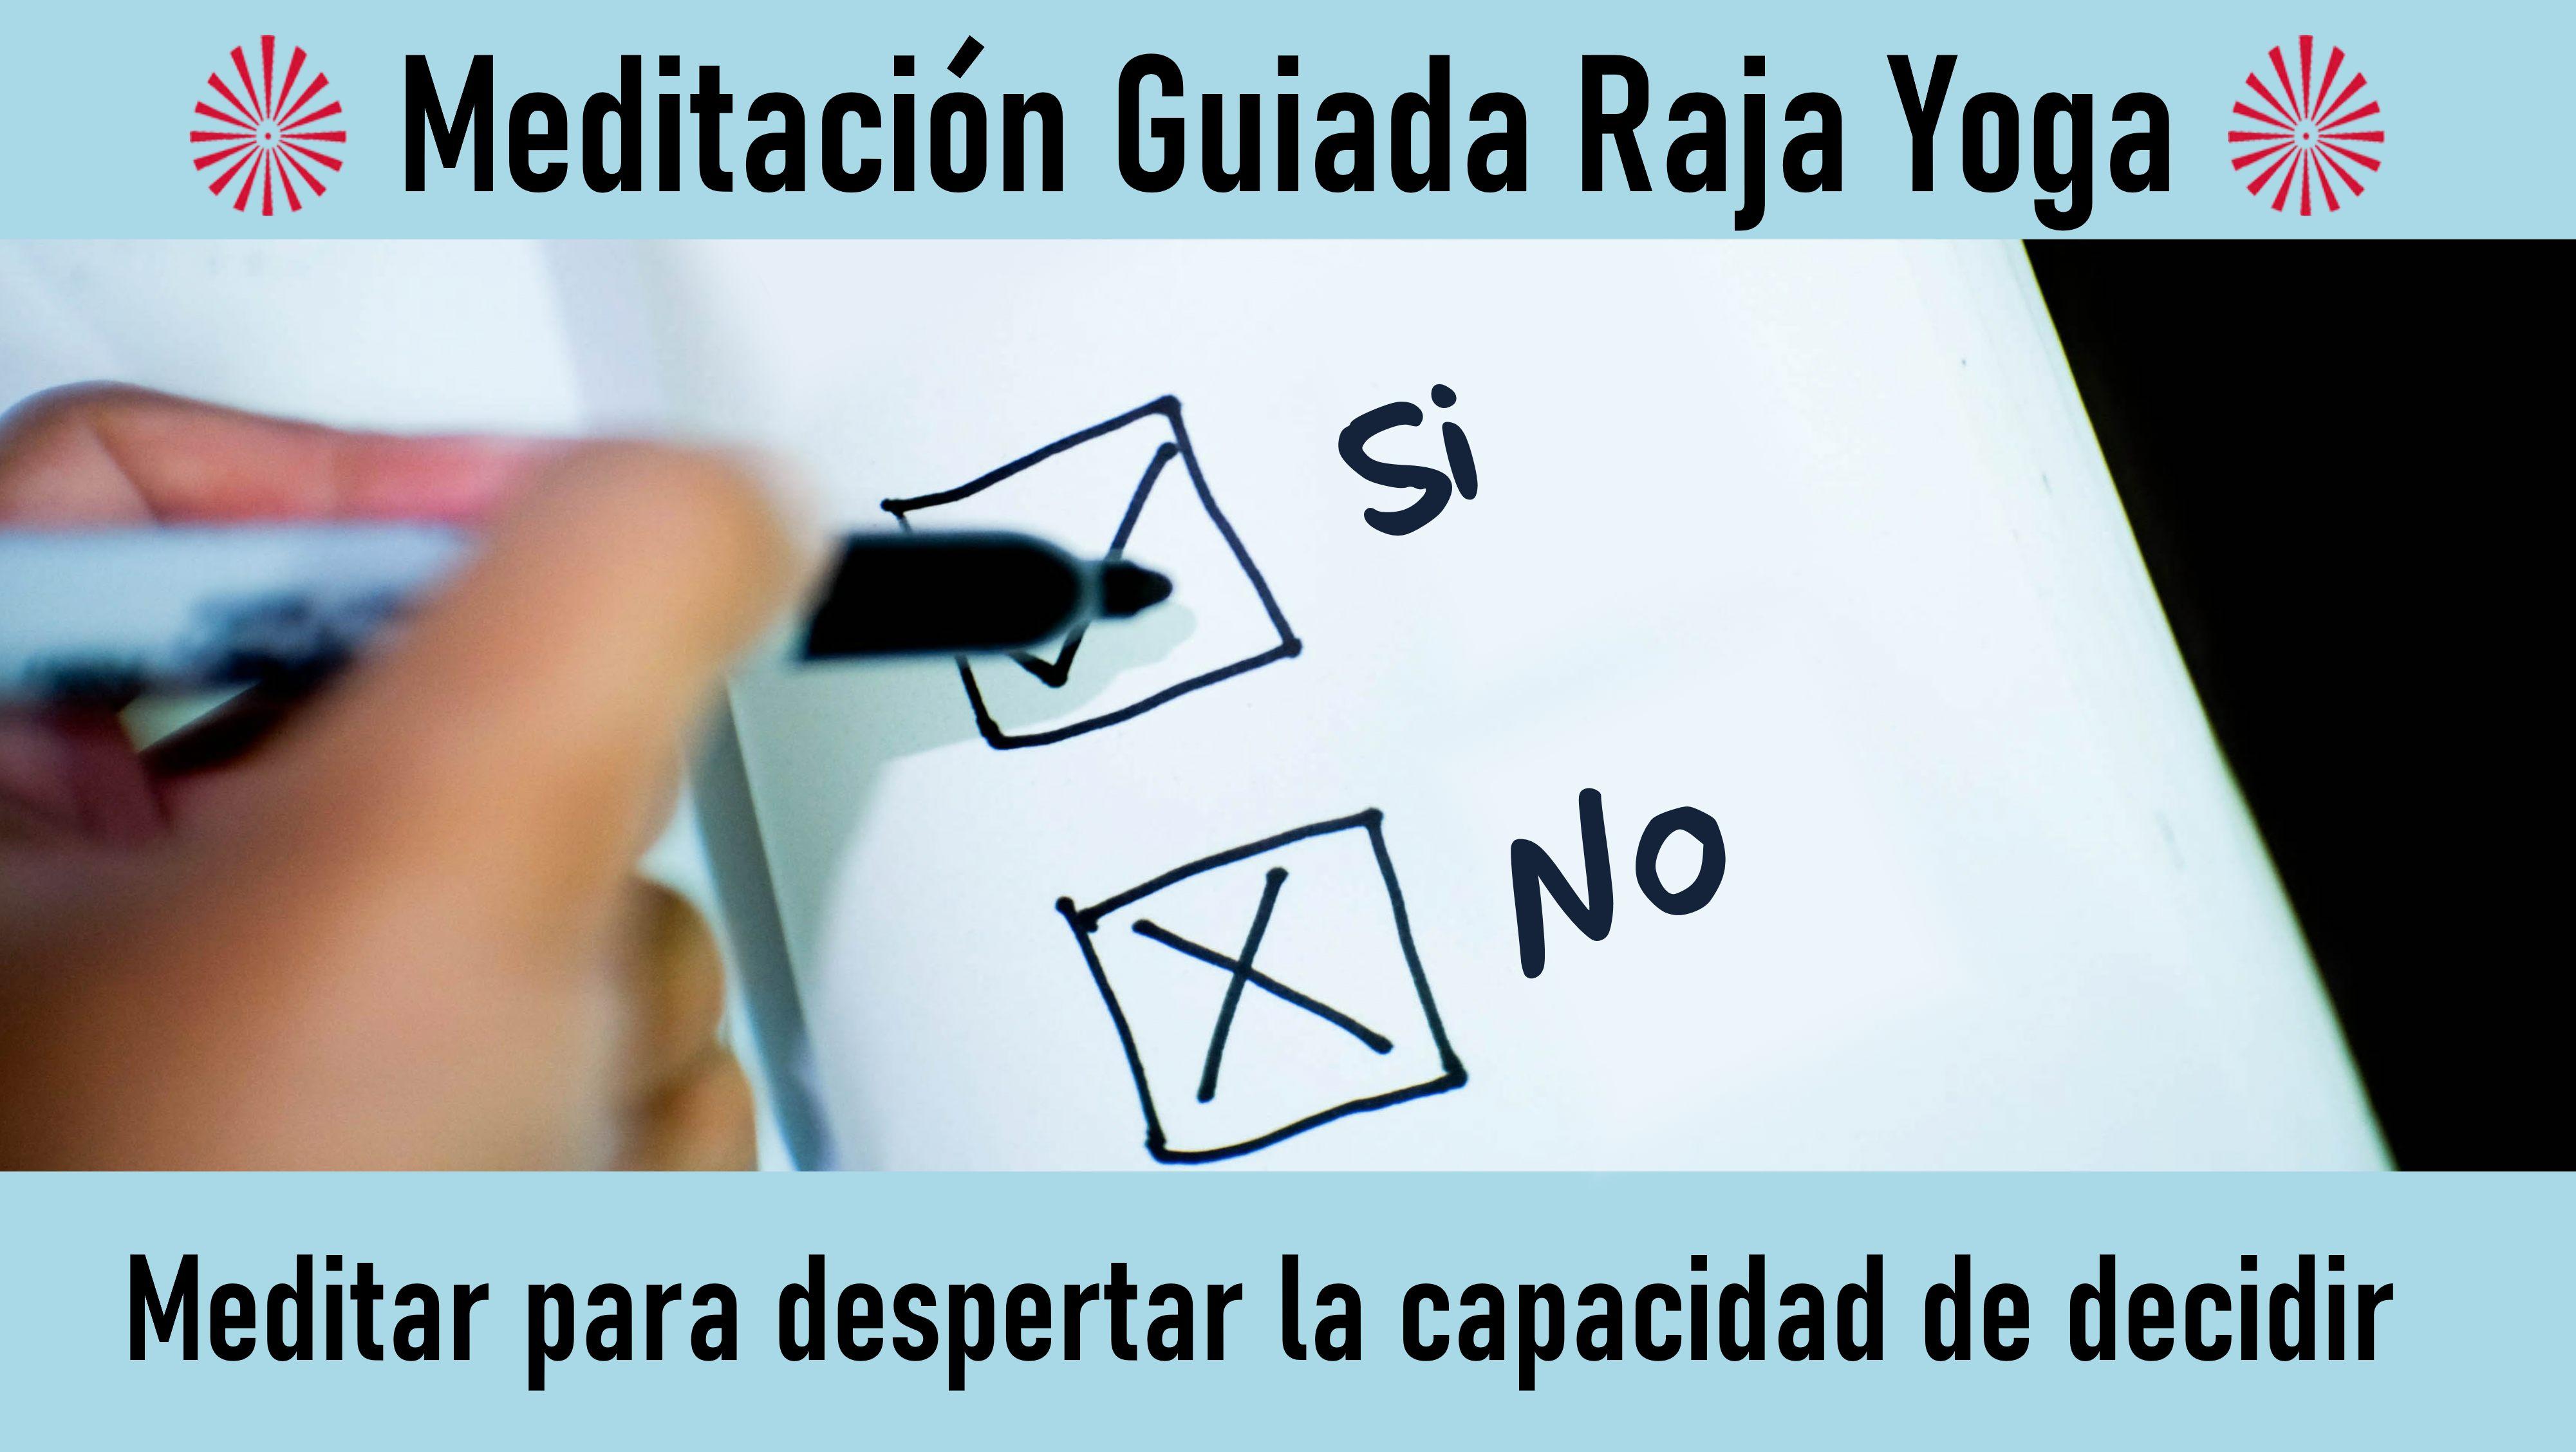 Meditación Raja Yoga: Meditar para despertar la capacidad de decidir (21 Octubre 2020) On-line desde Sevilla